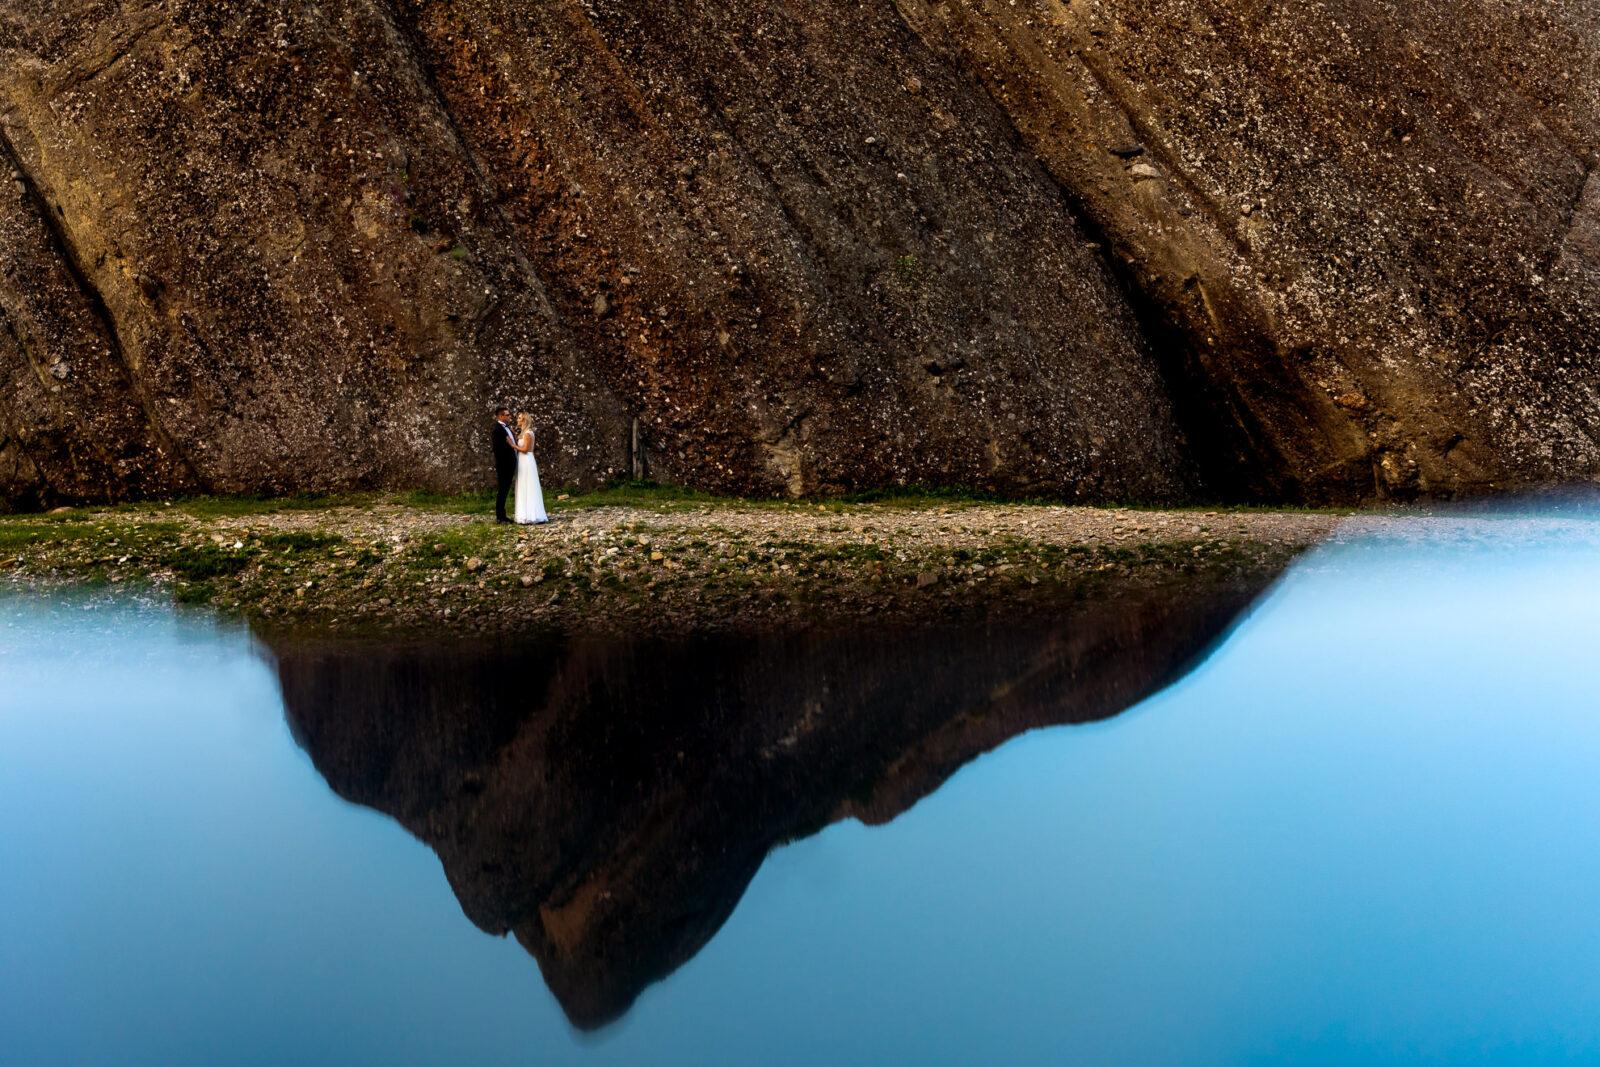 Sedinta foto After Wedding - Sedinta foto trash the dress - Fotograf nunta premium Antonio Socea